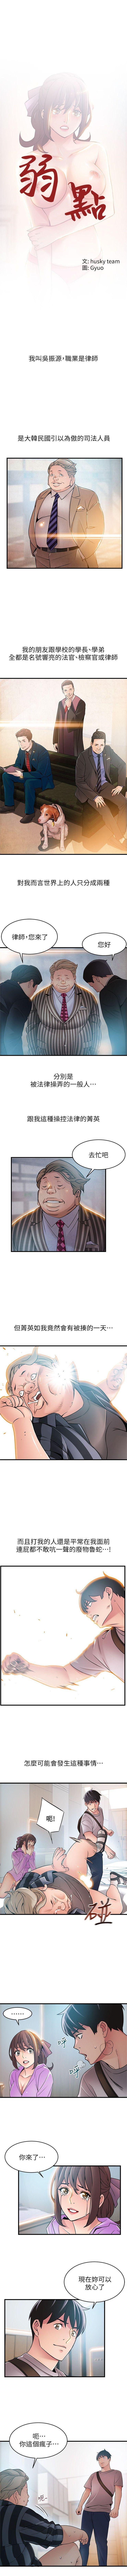 (周7)弱点 1-66 中文翻译(更新中) 215